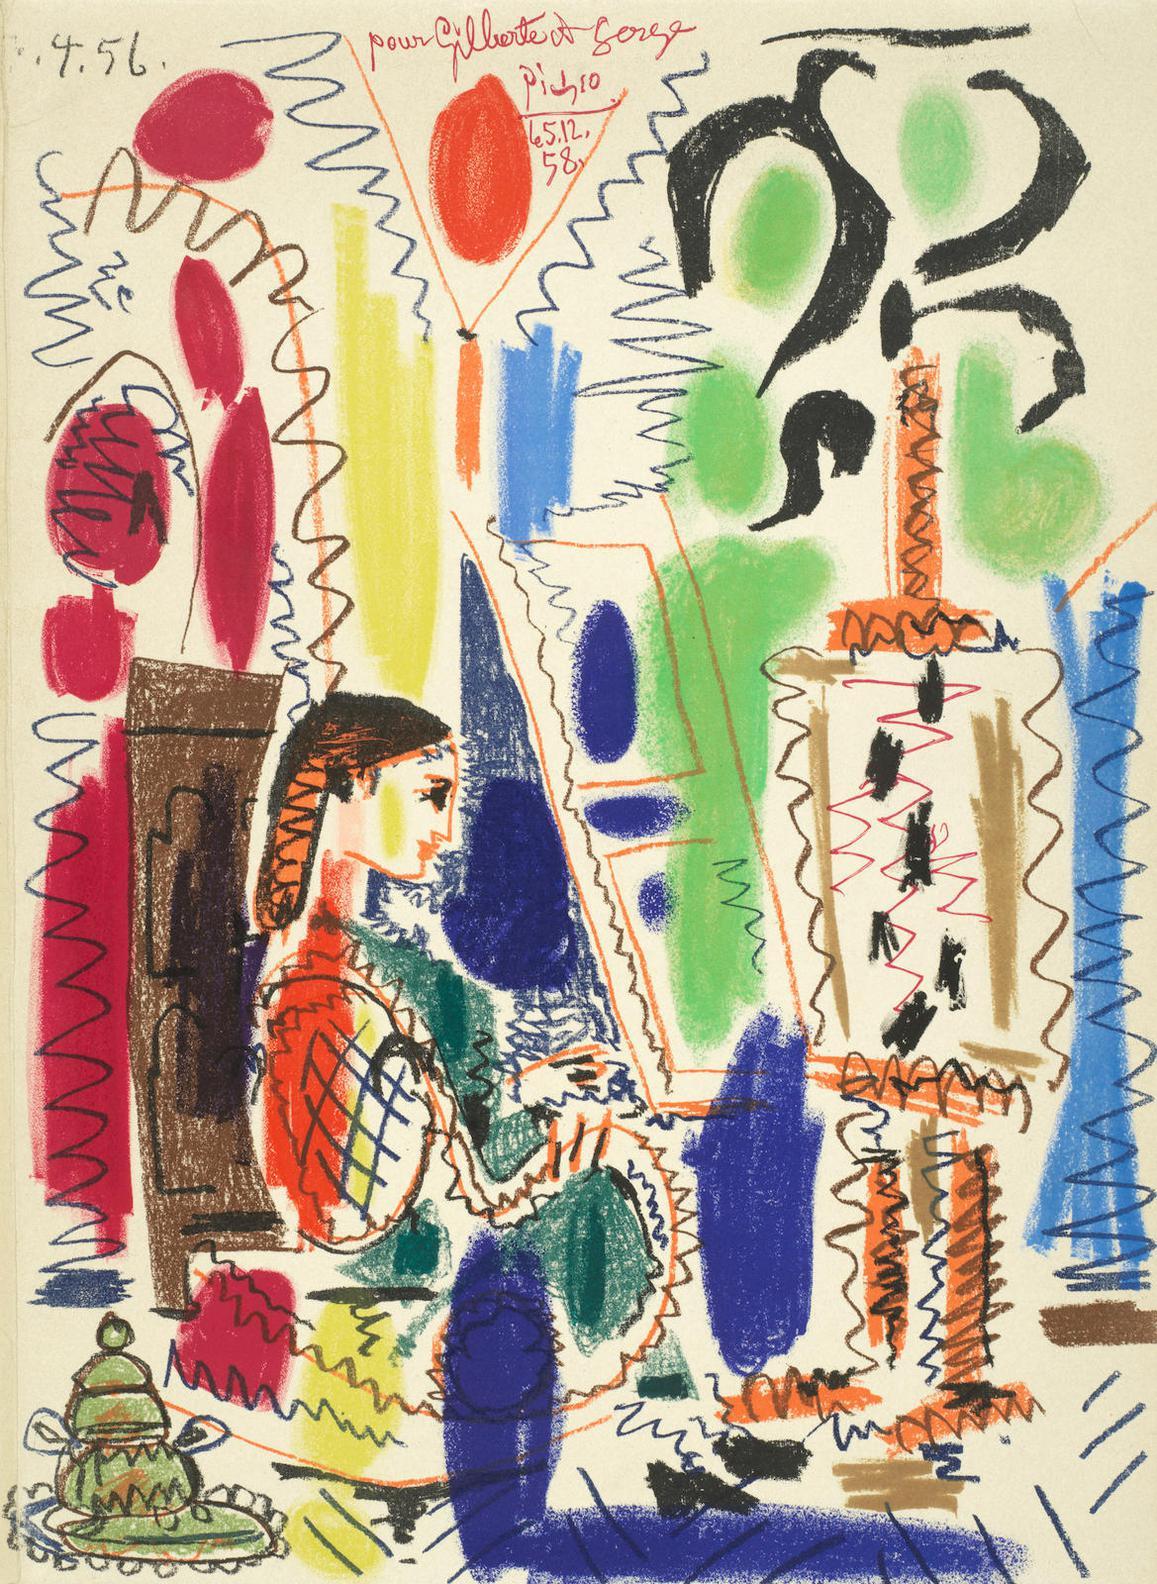 Pablo Picasso-Latelier De Cannes, Cover For Ces Peintres Nos Amis, Vol. Ii (Mourlout 279; Bloch 794)-1956